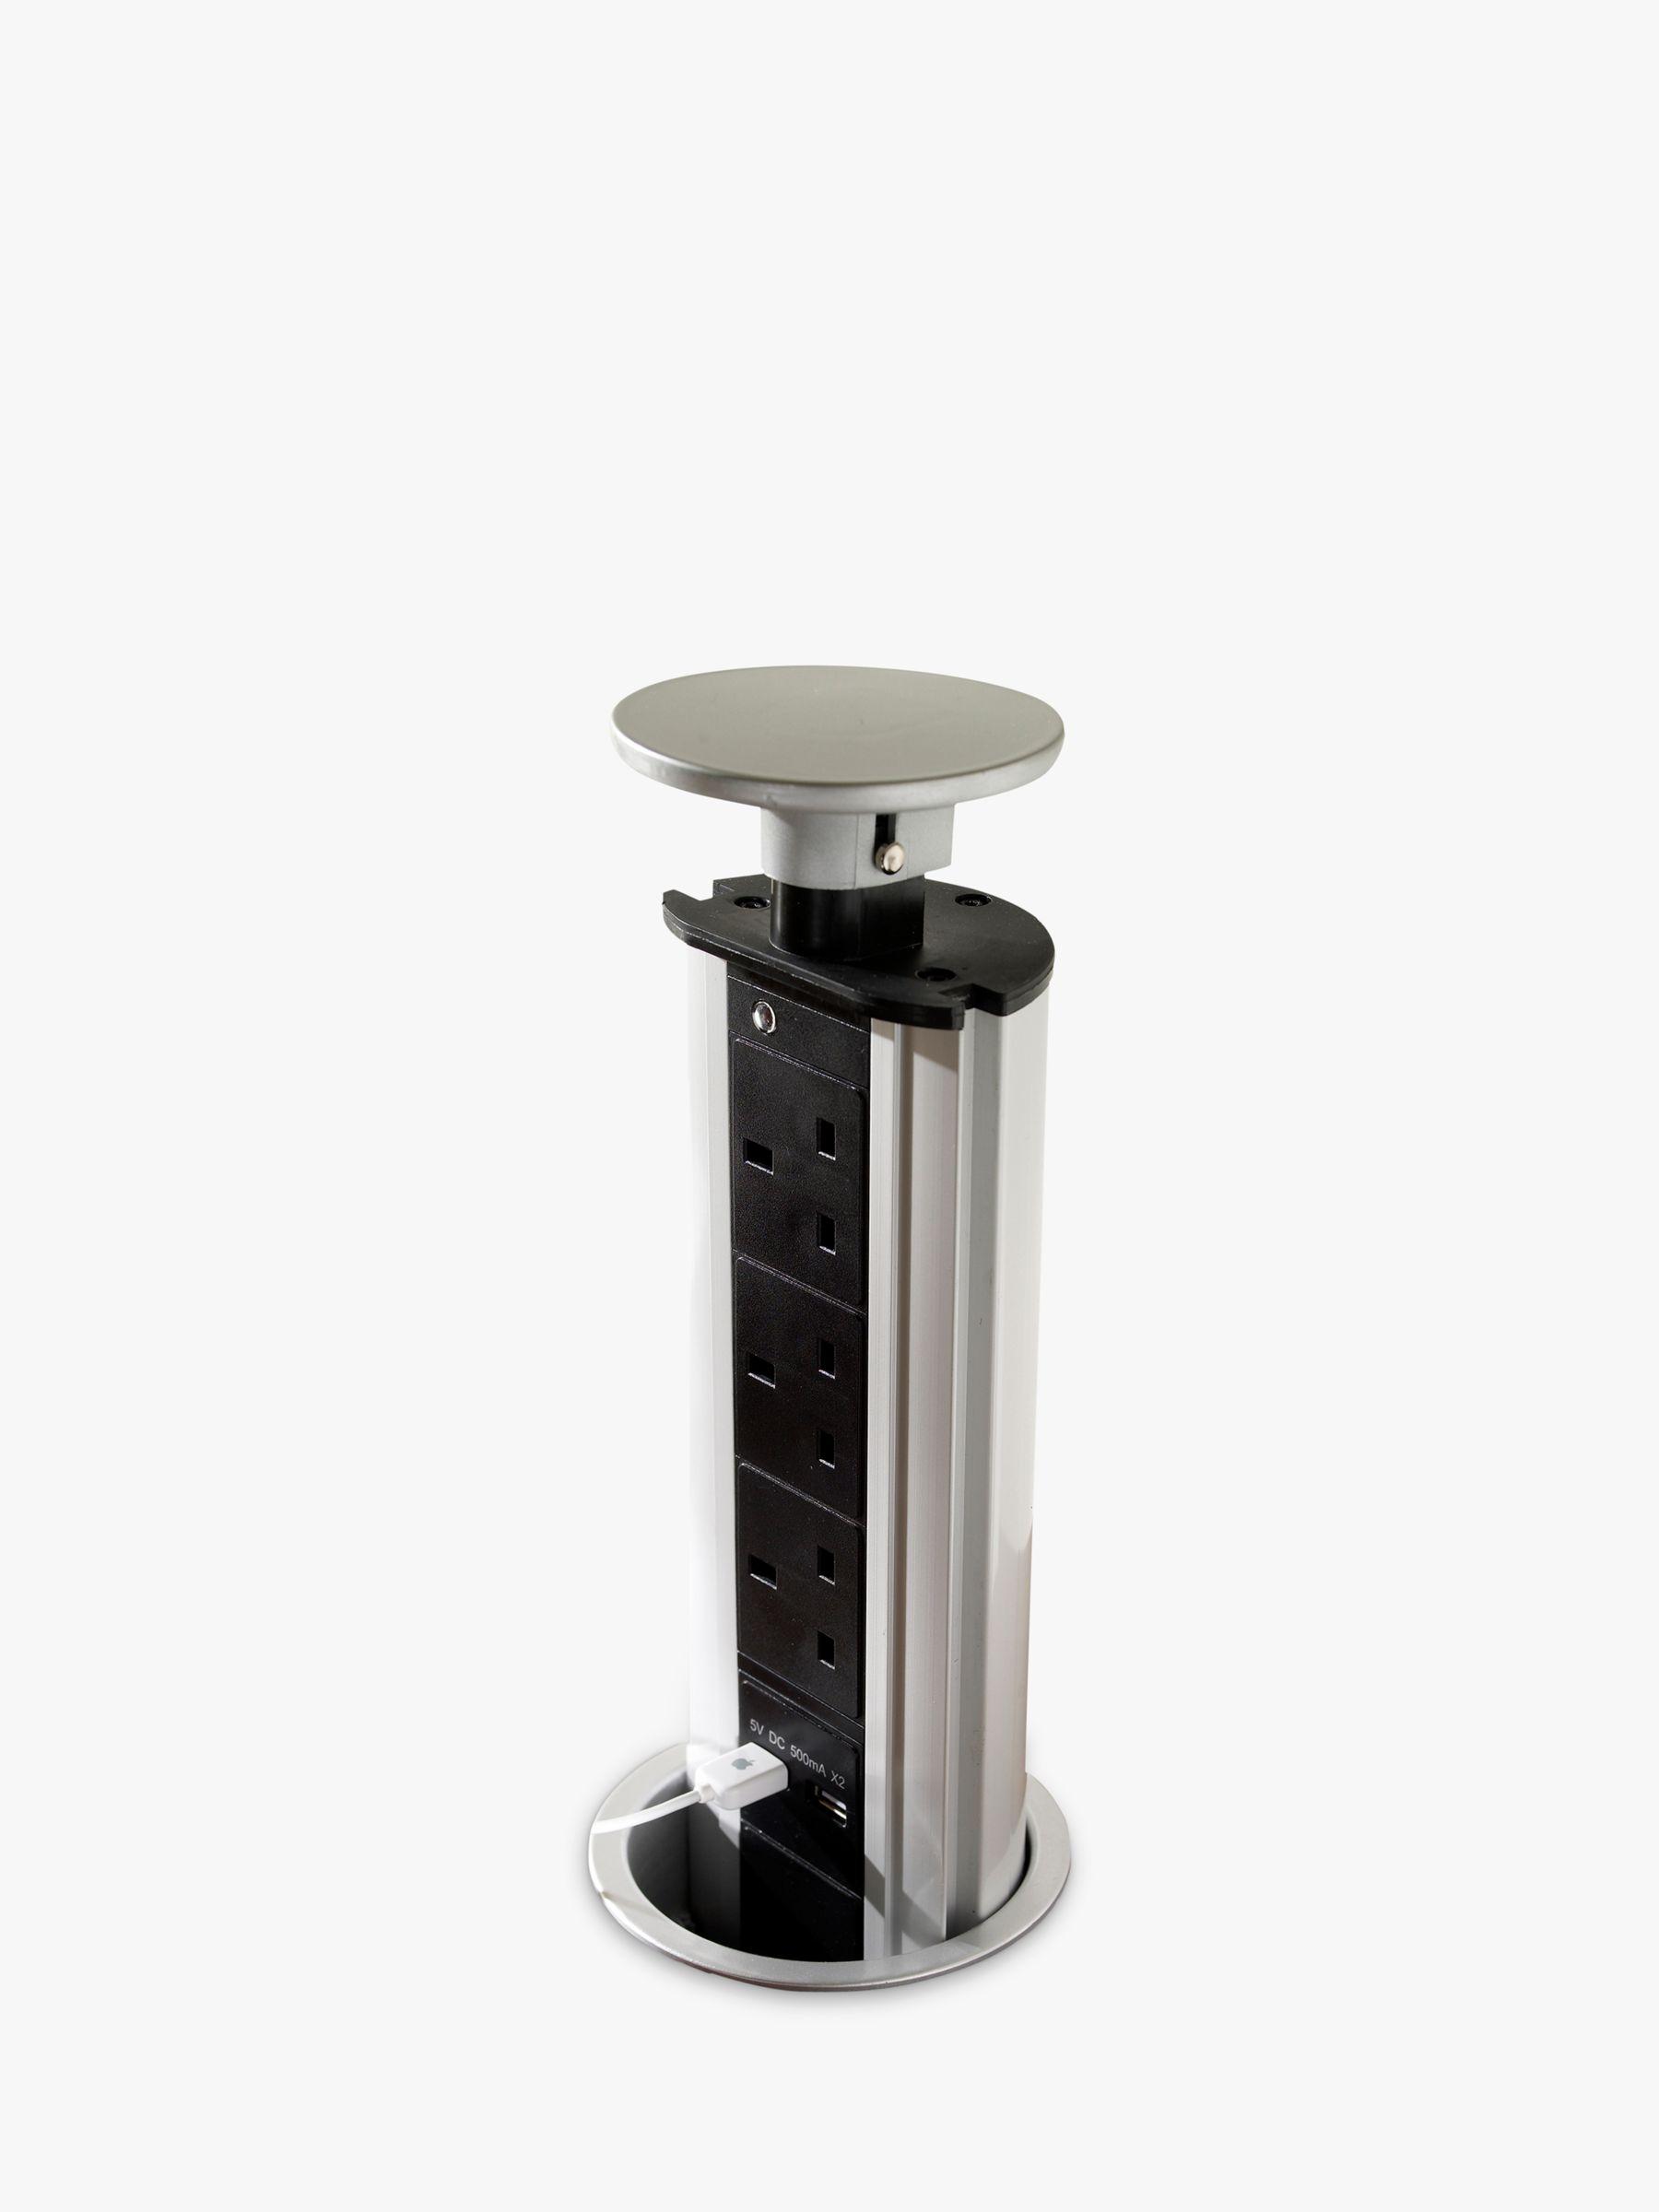 pop up outlets for kitchen builder app john lewis socket with usbs at